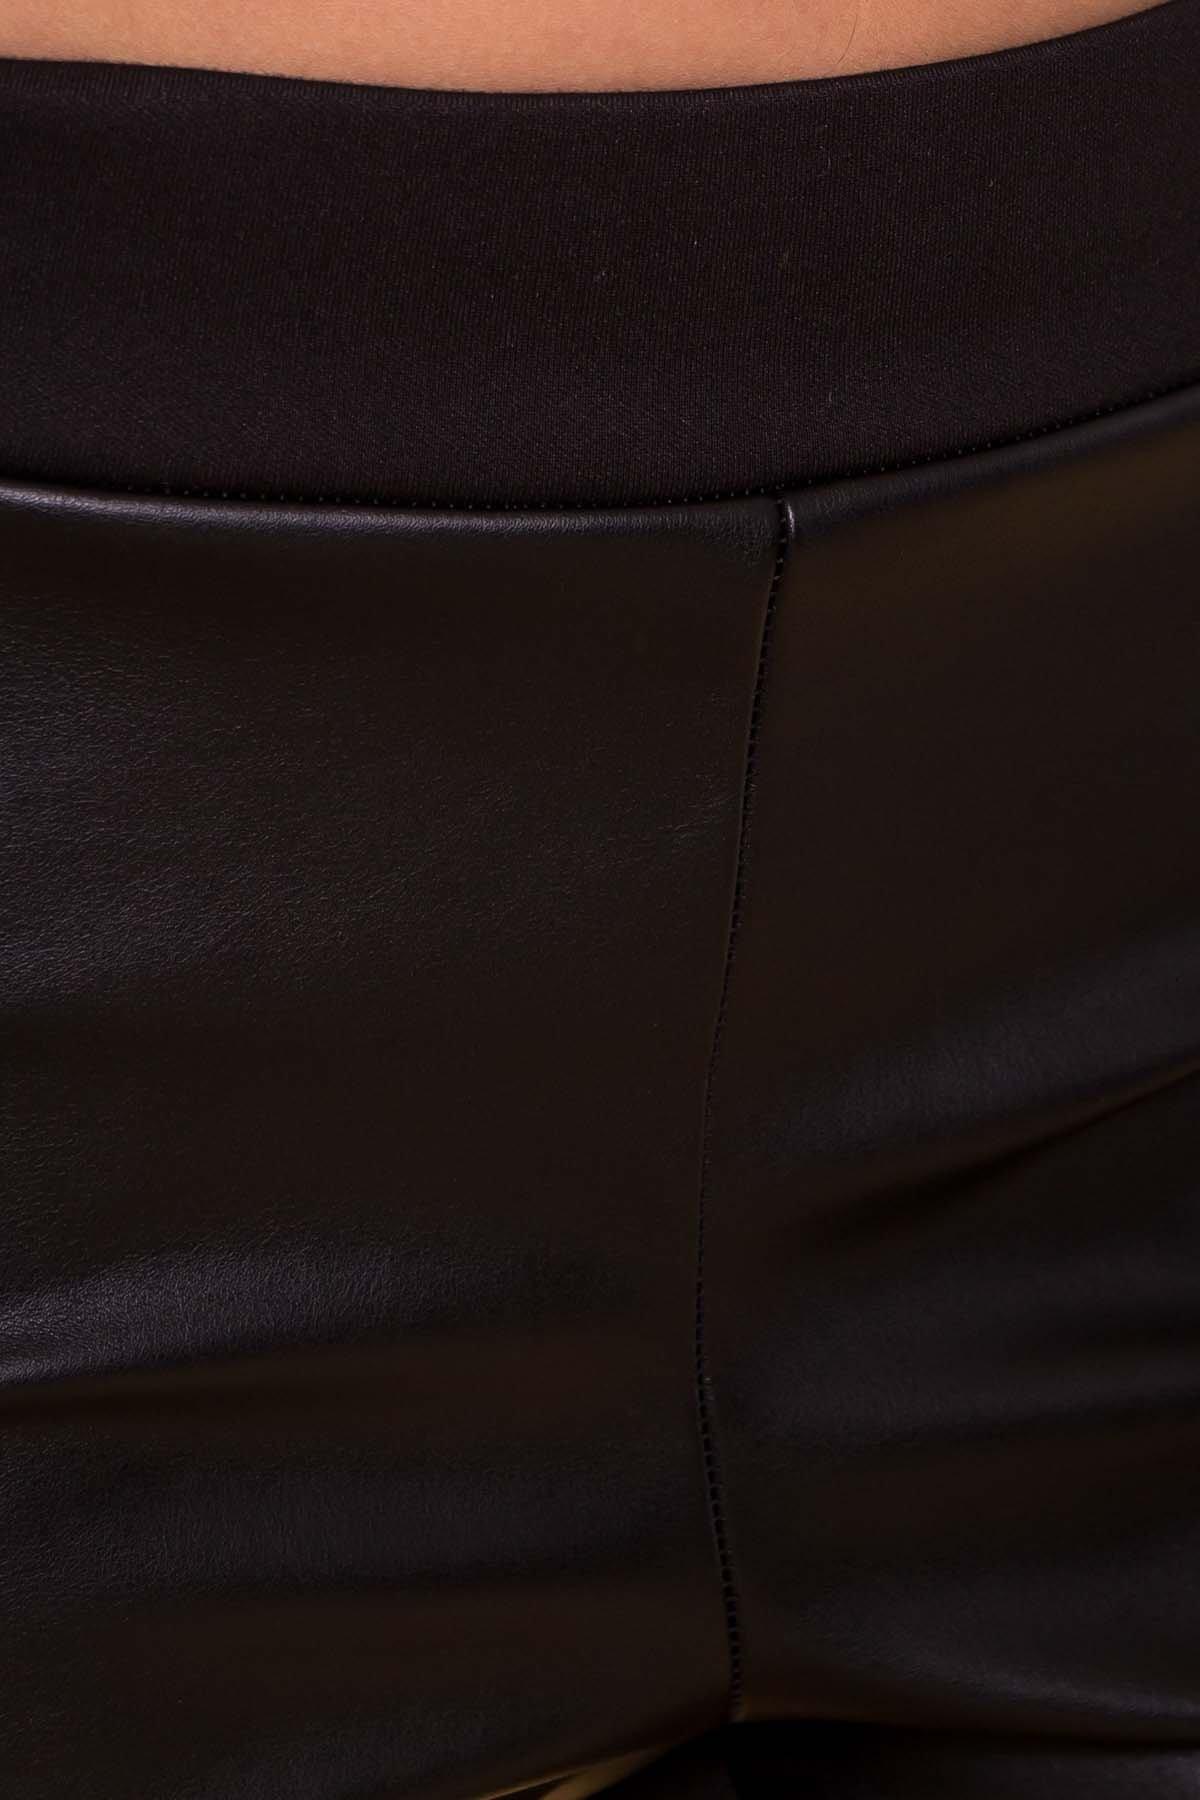 Брюки-лосины эко кожи Дольчи 5968 Цвет: Черный